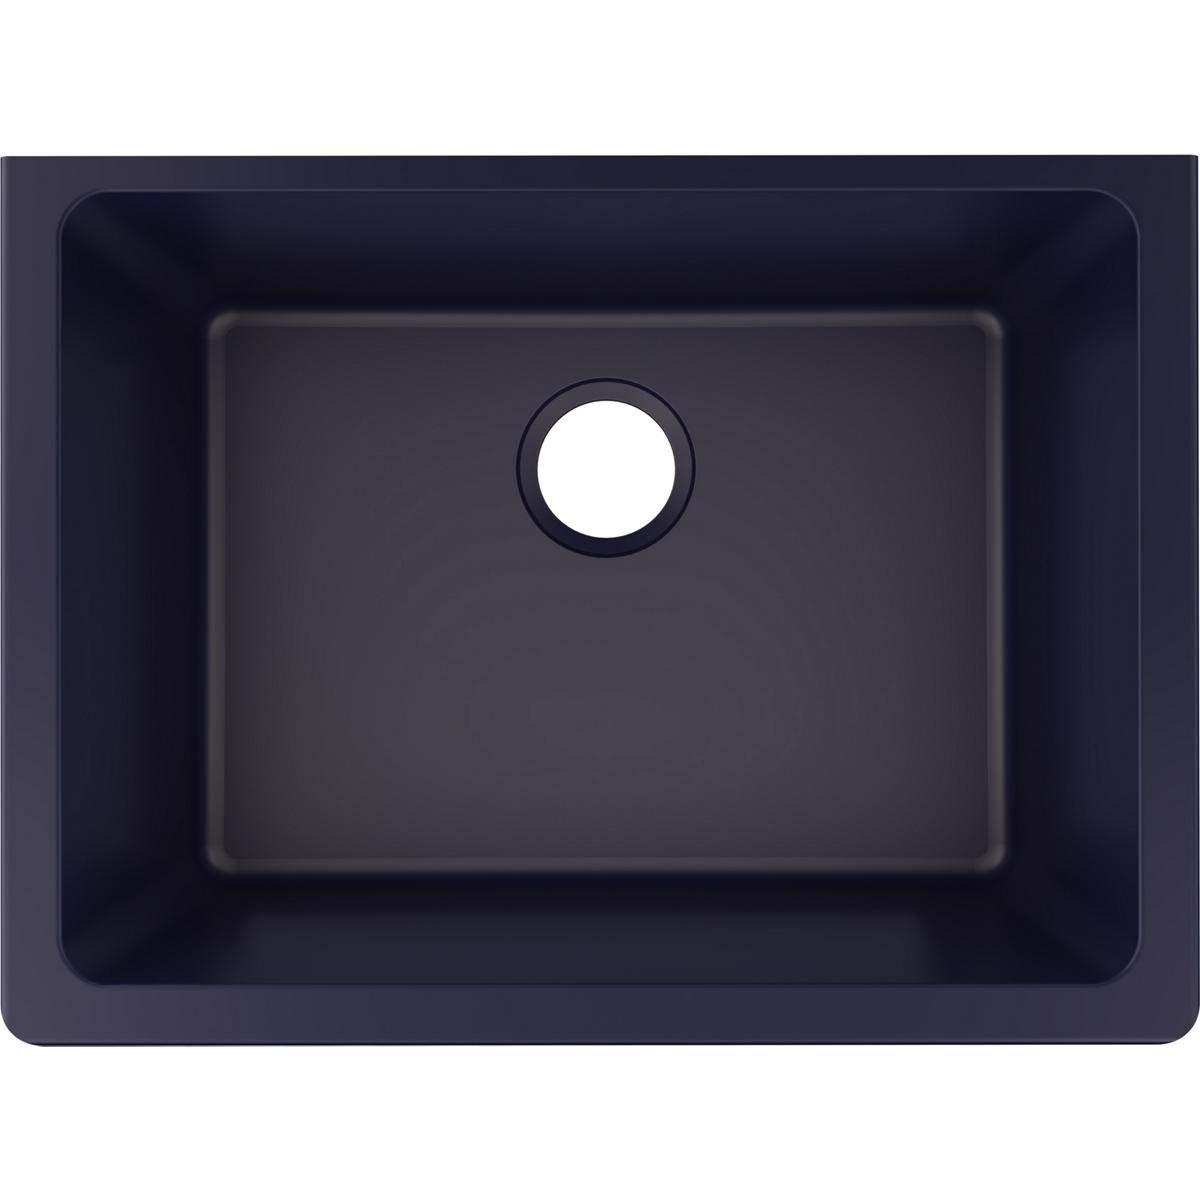 Elkay ELXU2522JB0 Quartz Luxe Single Bowl Undermount Sink, Jubilee